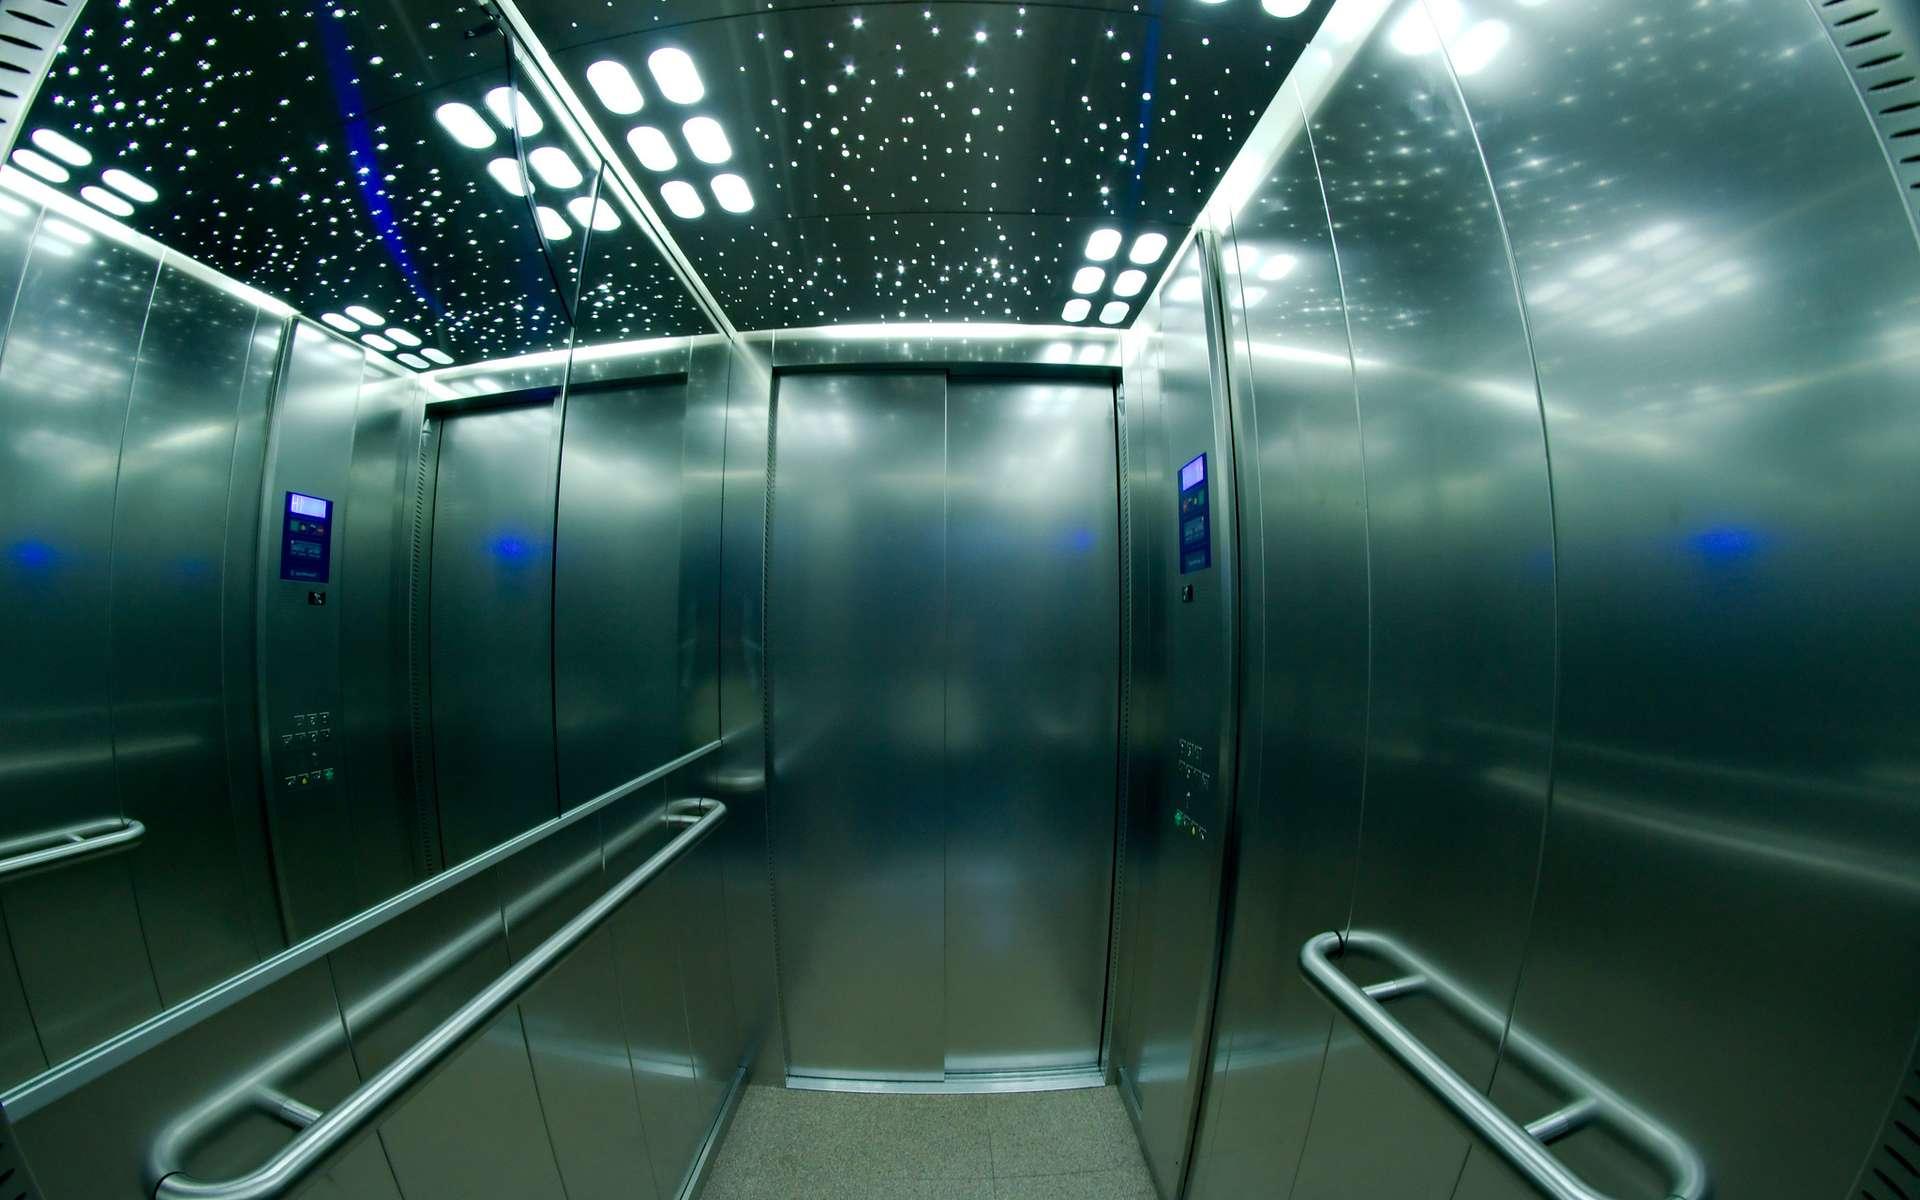 La limite de vitesse des ascenseurs n'est pas fixée par la technologie, mais par la physiologie humaine. © Frédéric BISSON, Flickr, CC by 2.0